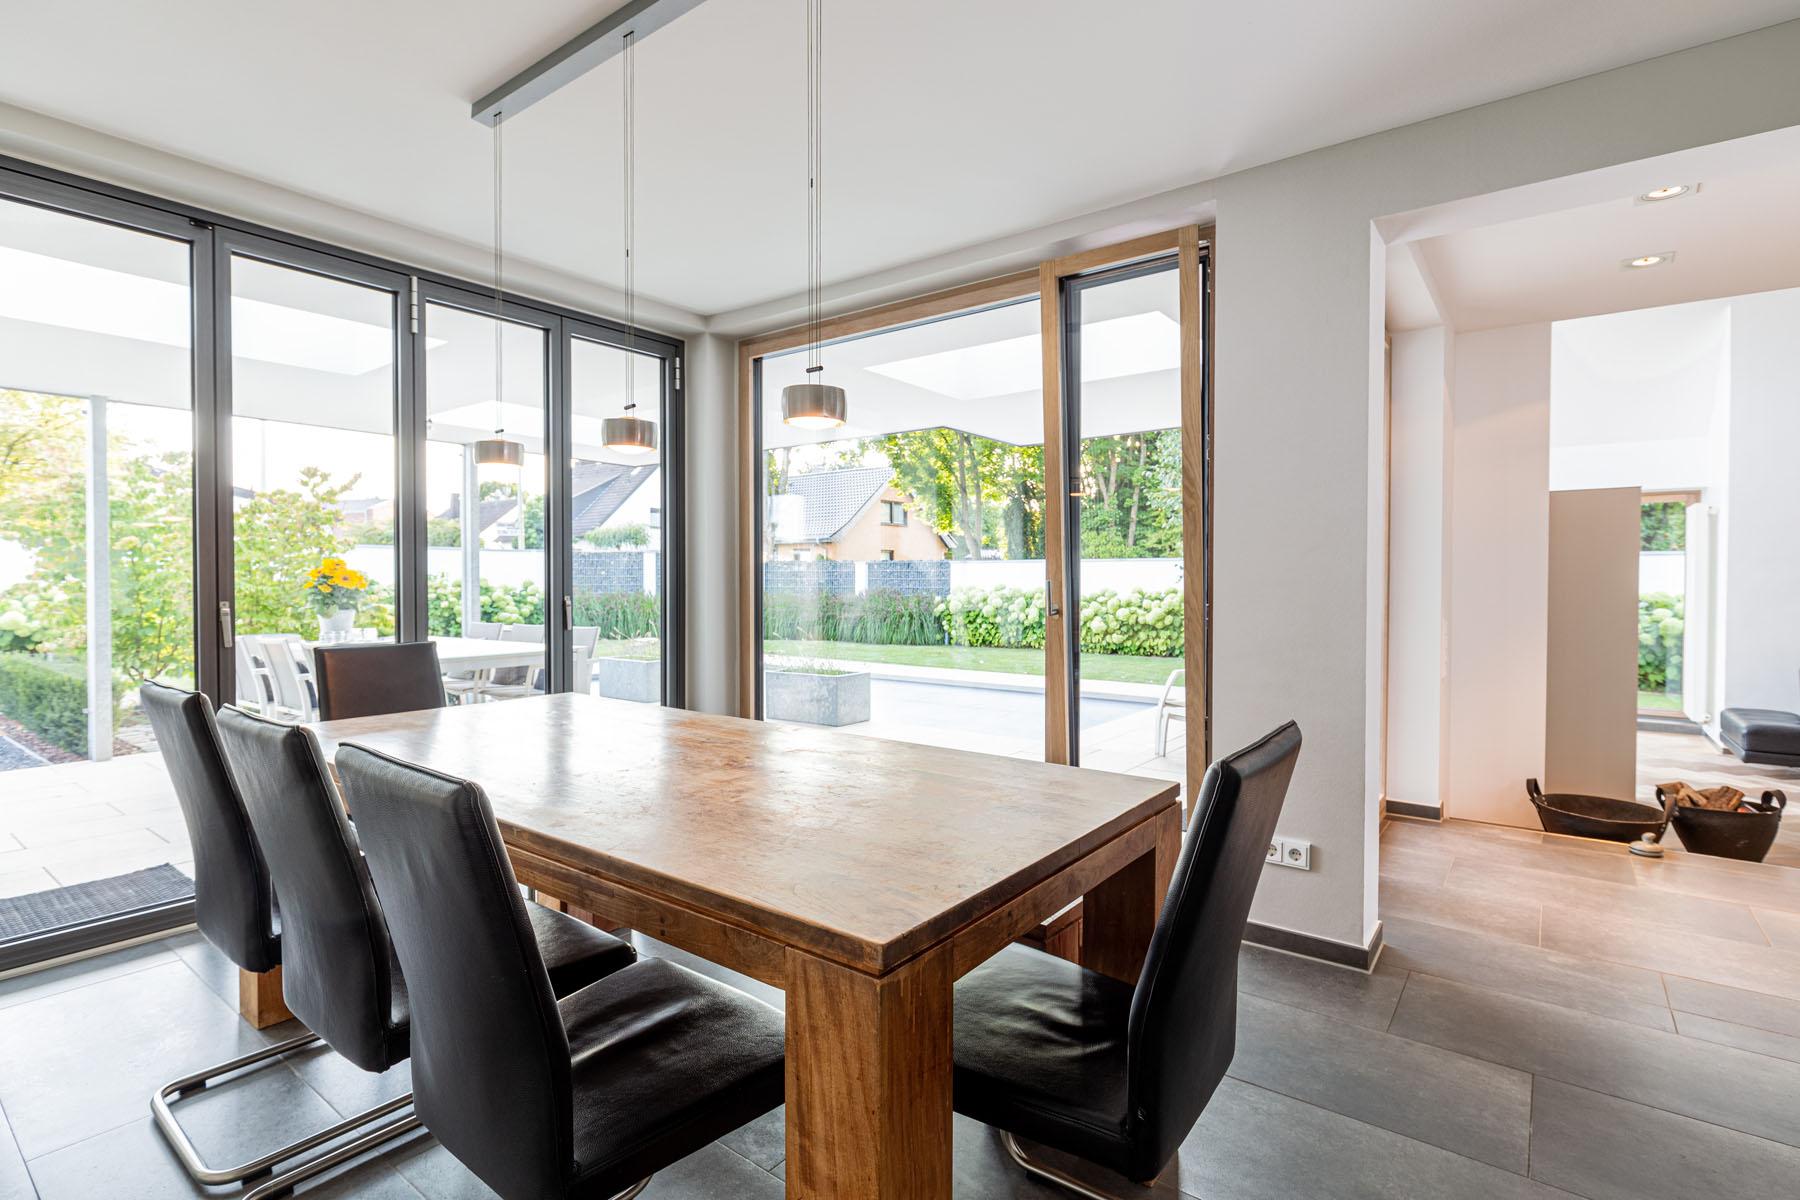 Essbereich mit Tisch und Stühlen und großen Holz und Alufenstern über die gesamte Breite